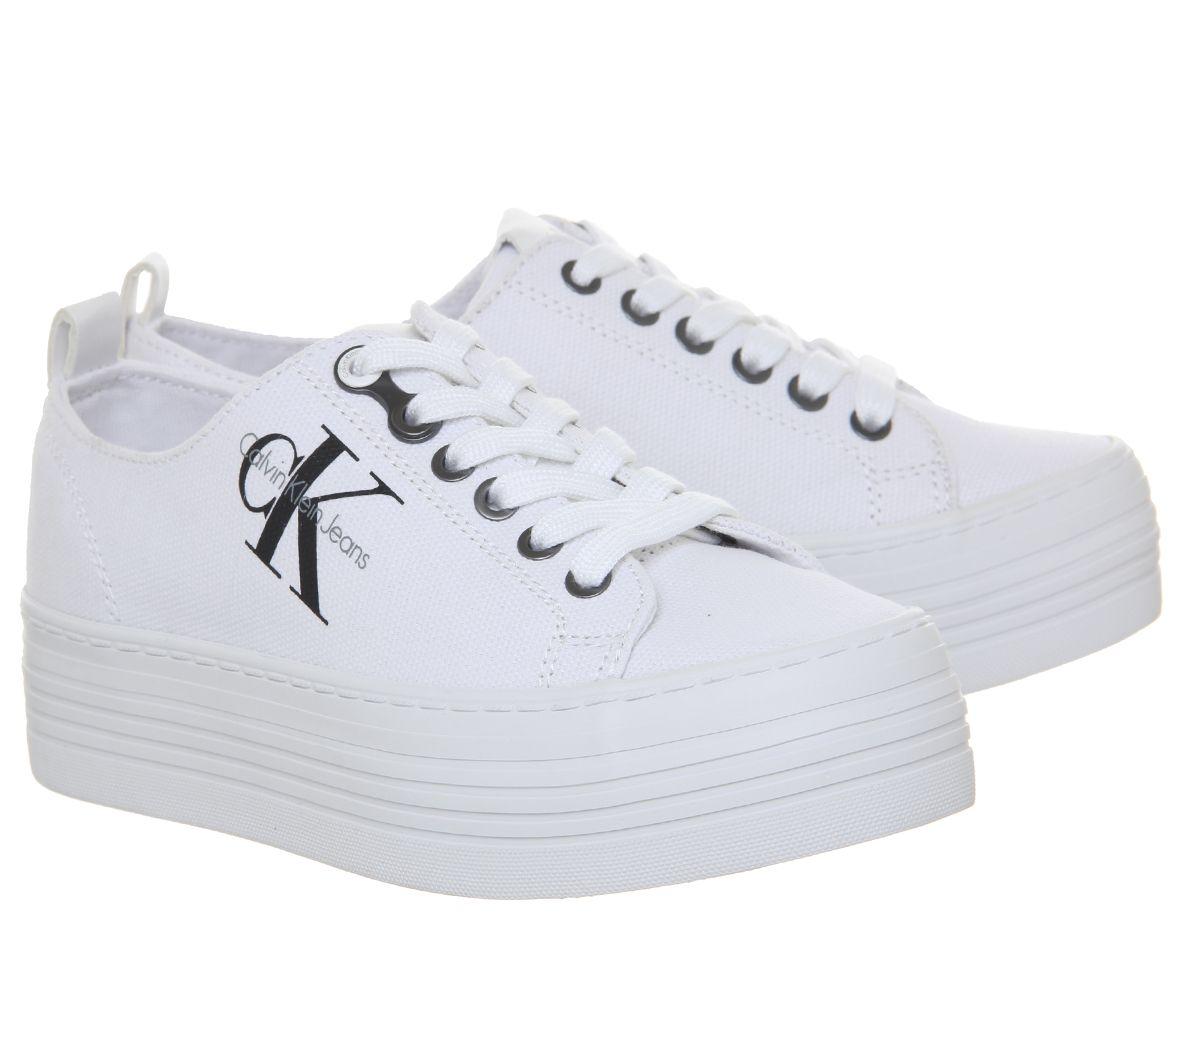 399124306e67d3 Dettagli su Da Donna Calvin Klein zolah Flatform Scarpe da ginnastica Scarpe  da ginnastica in tela Bianco- mostra il titolo originale